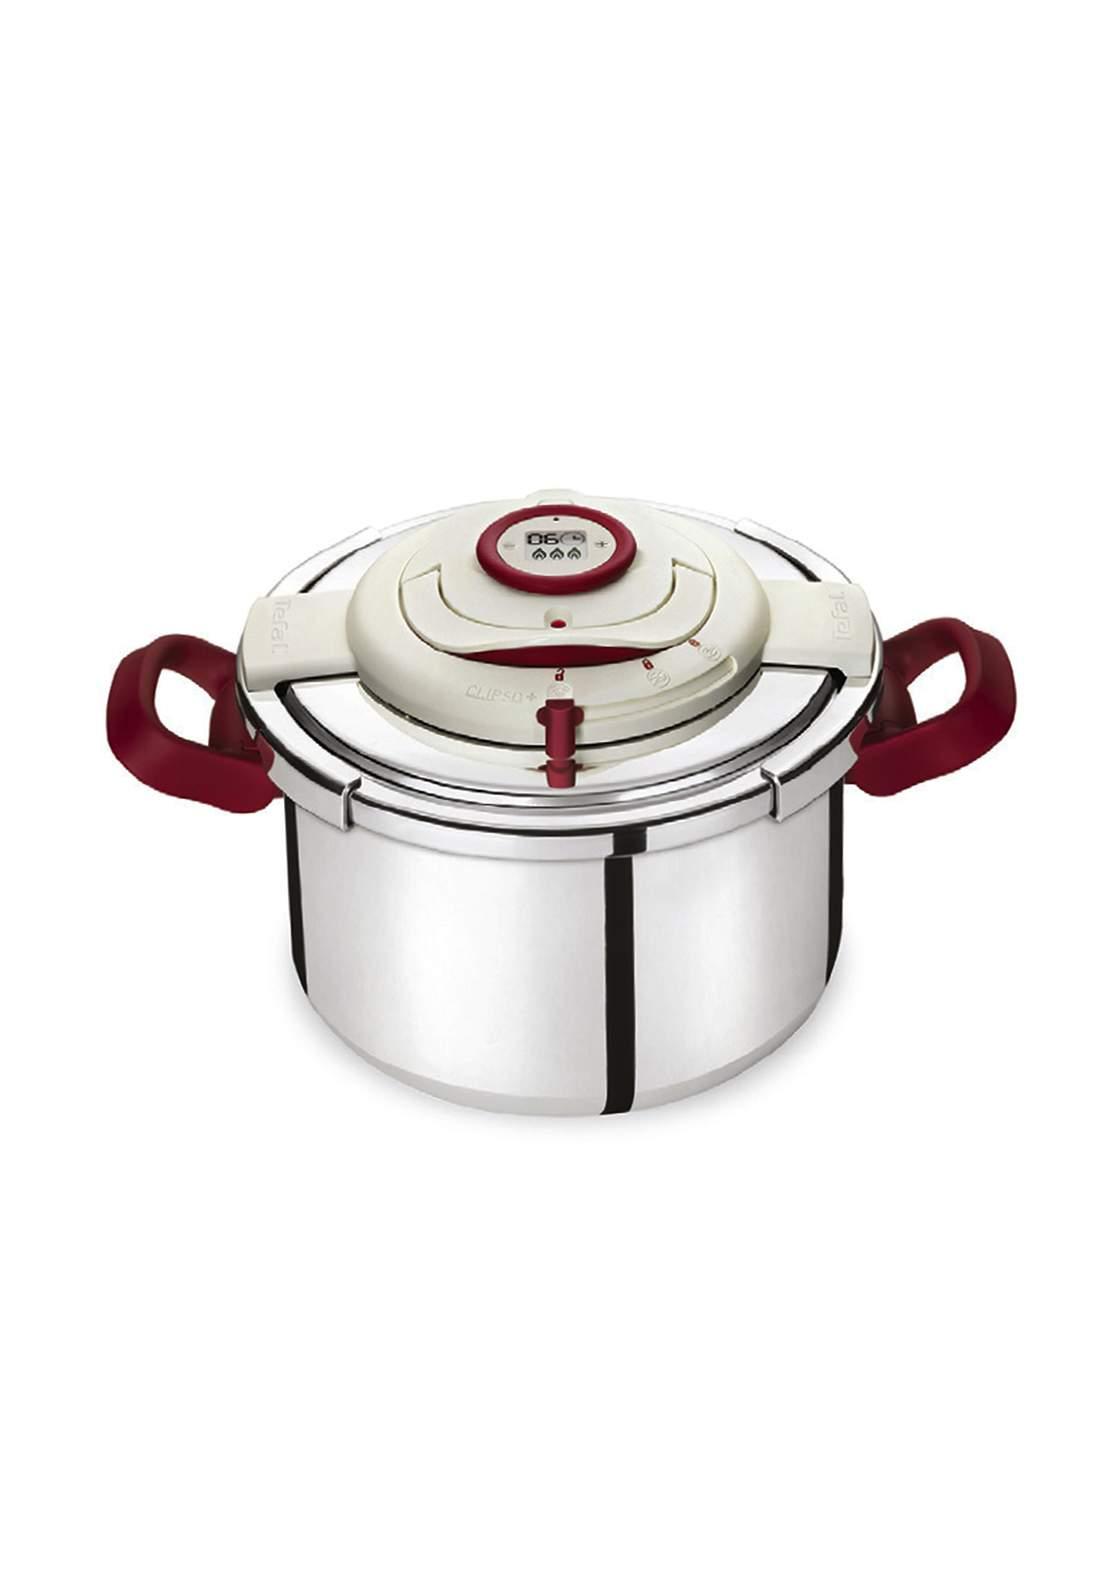 Tefal P4410762 Clipso Perfect Pressure Cooker 6L قدر ضغط مع مؤقت